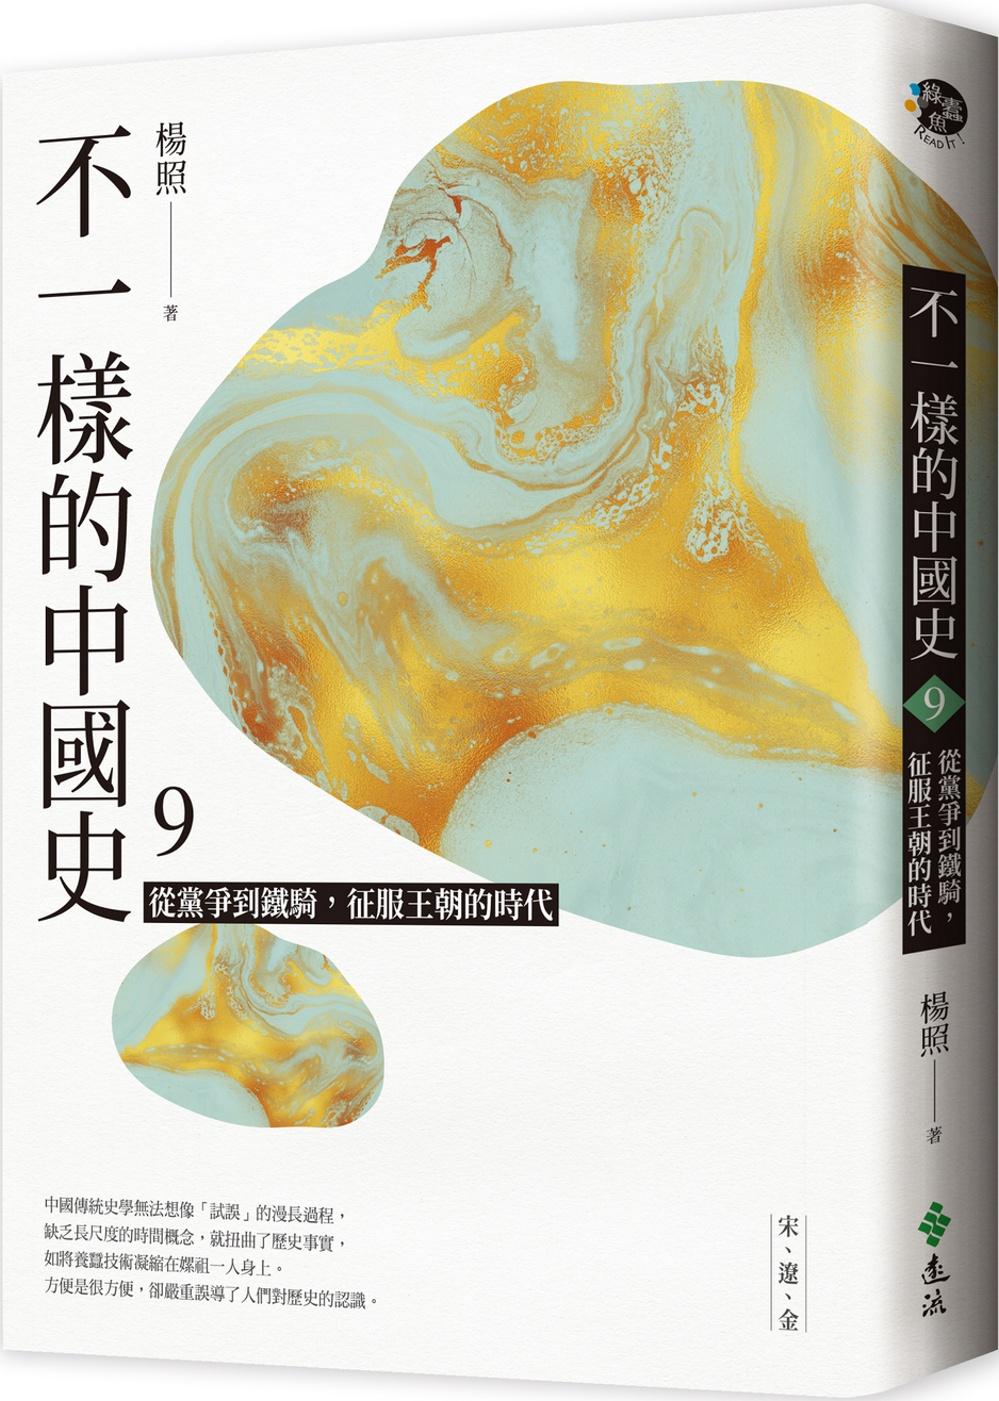 不一樣的中國史9:從黨爭到鐵騎,征服王朝的時代──宋、遼、金